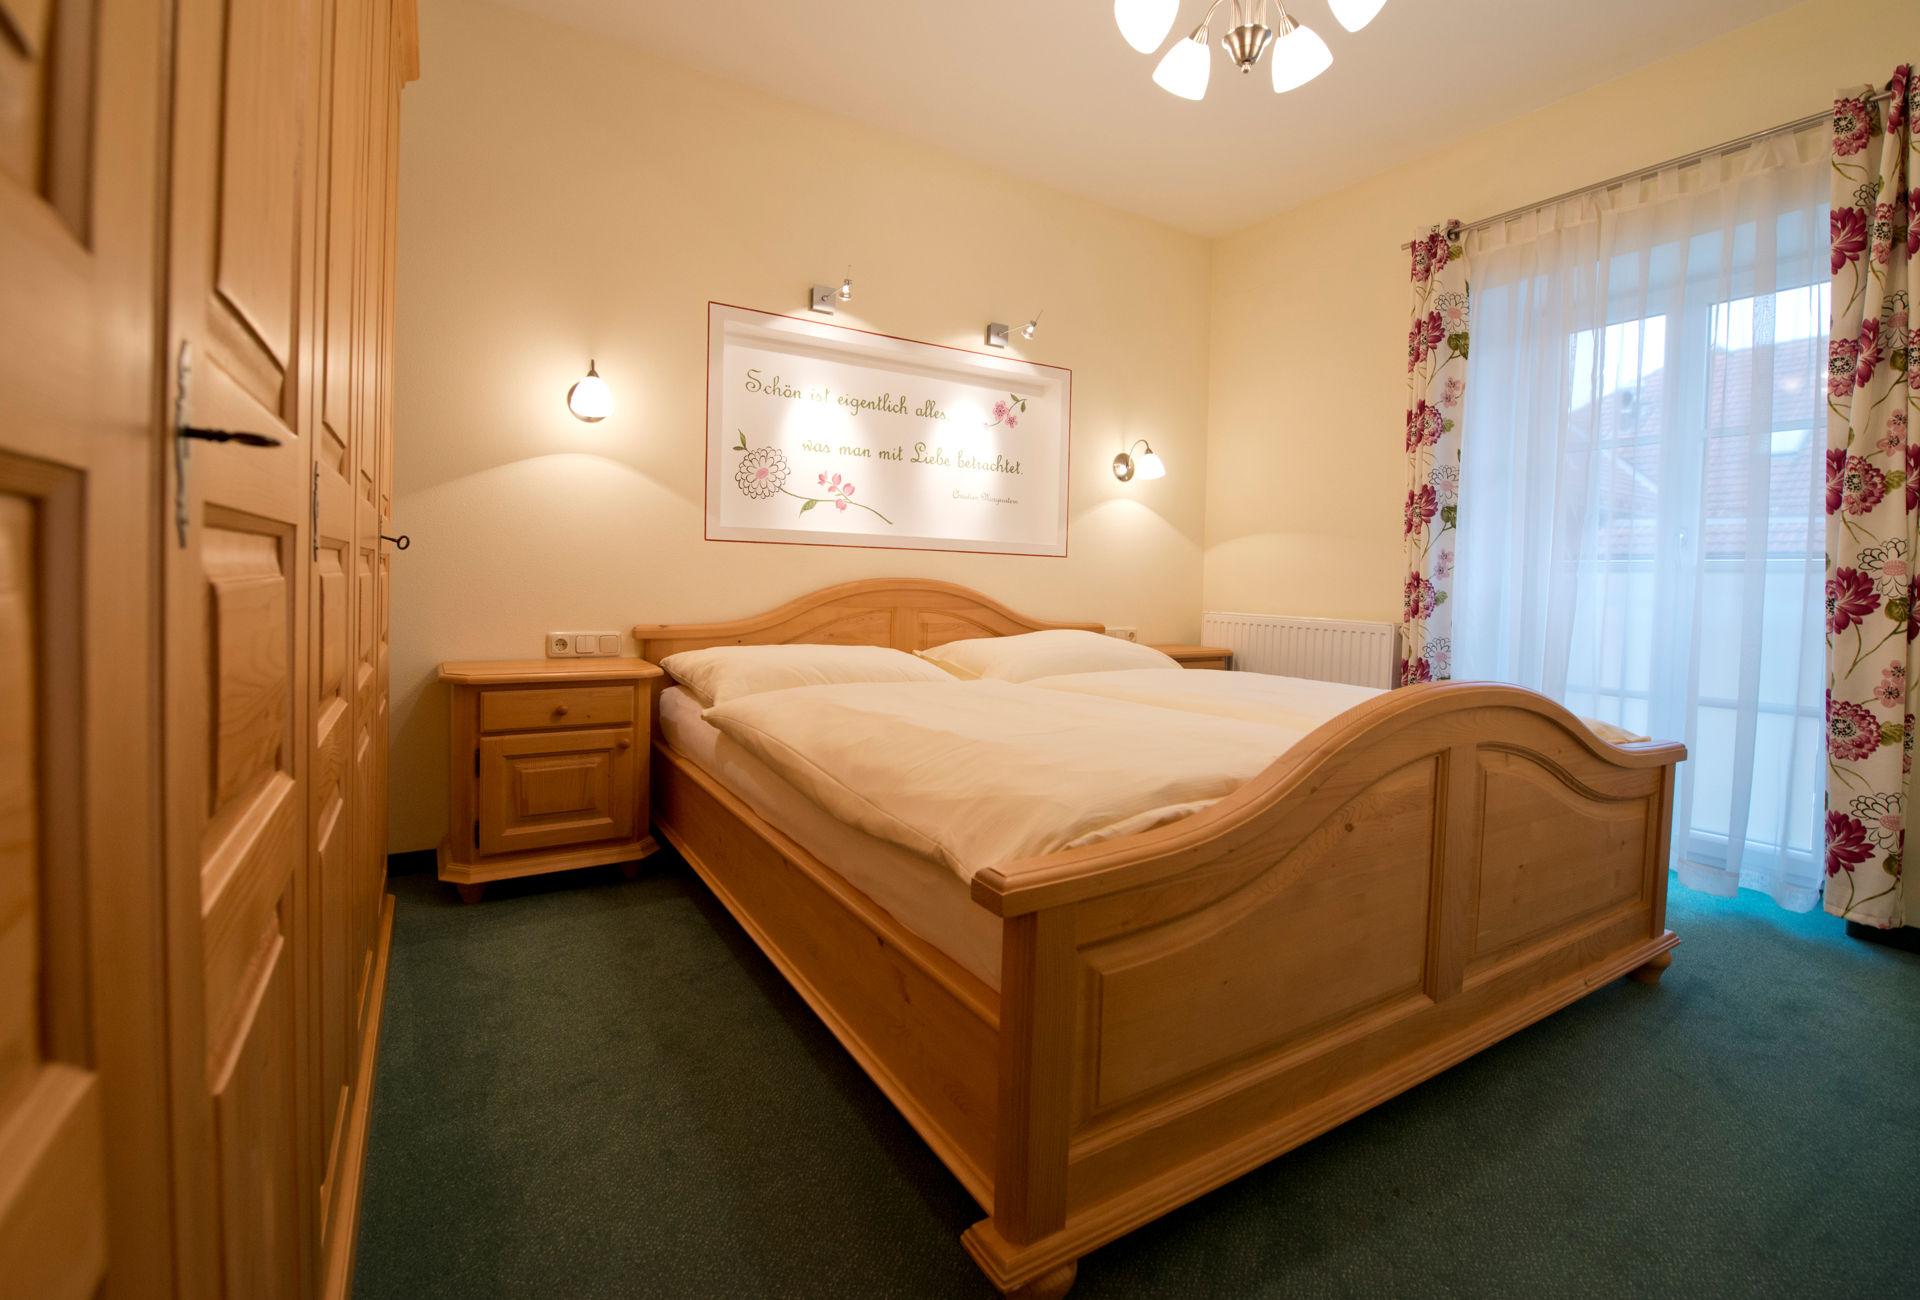 Ferienwohnung Julia im Wellness-Hotel-Gasthof Enichlmayr